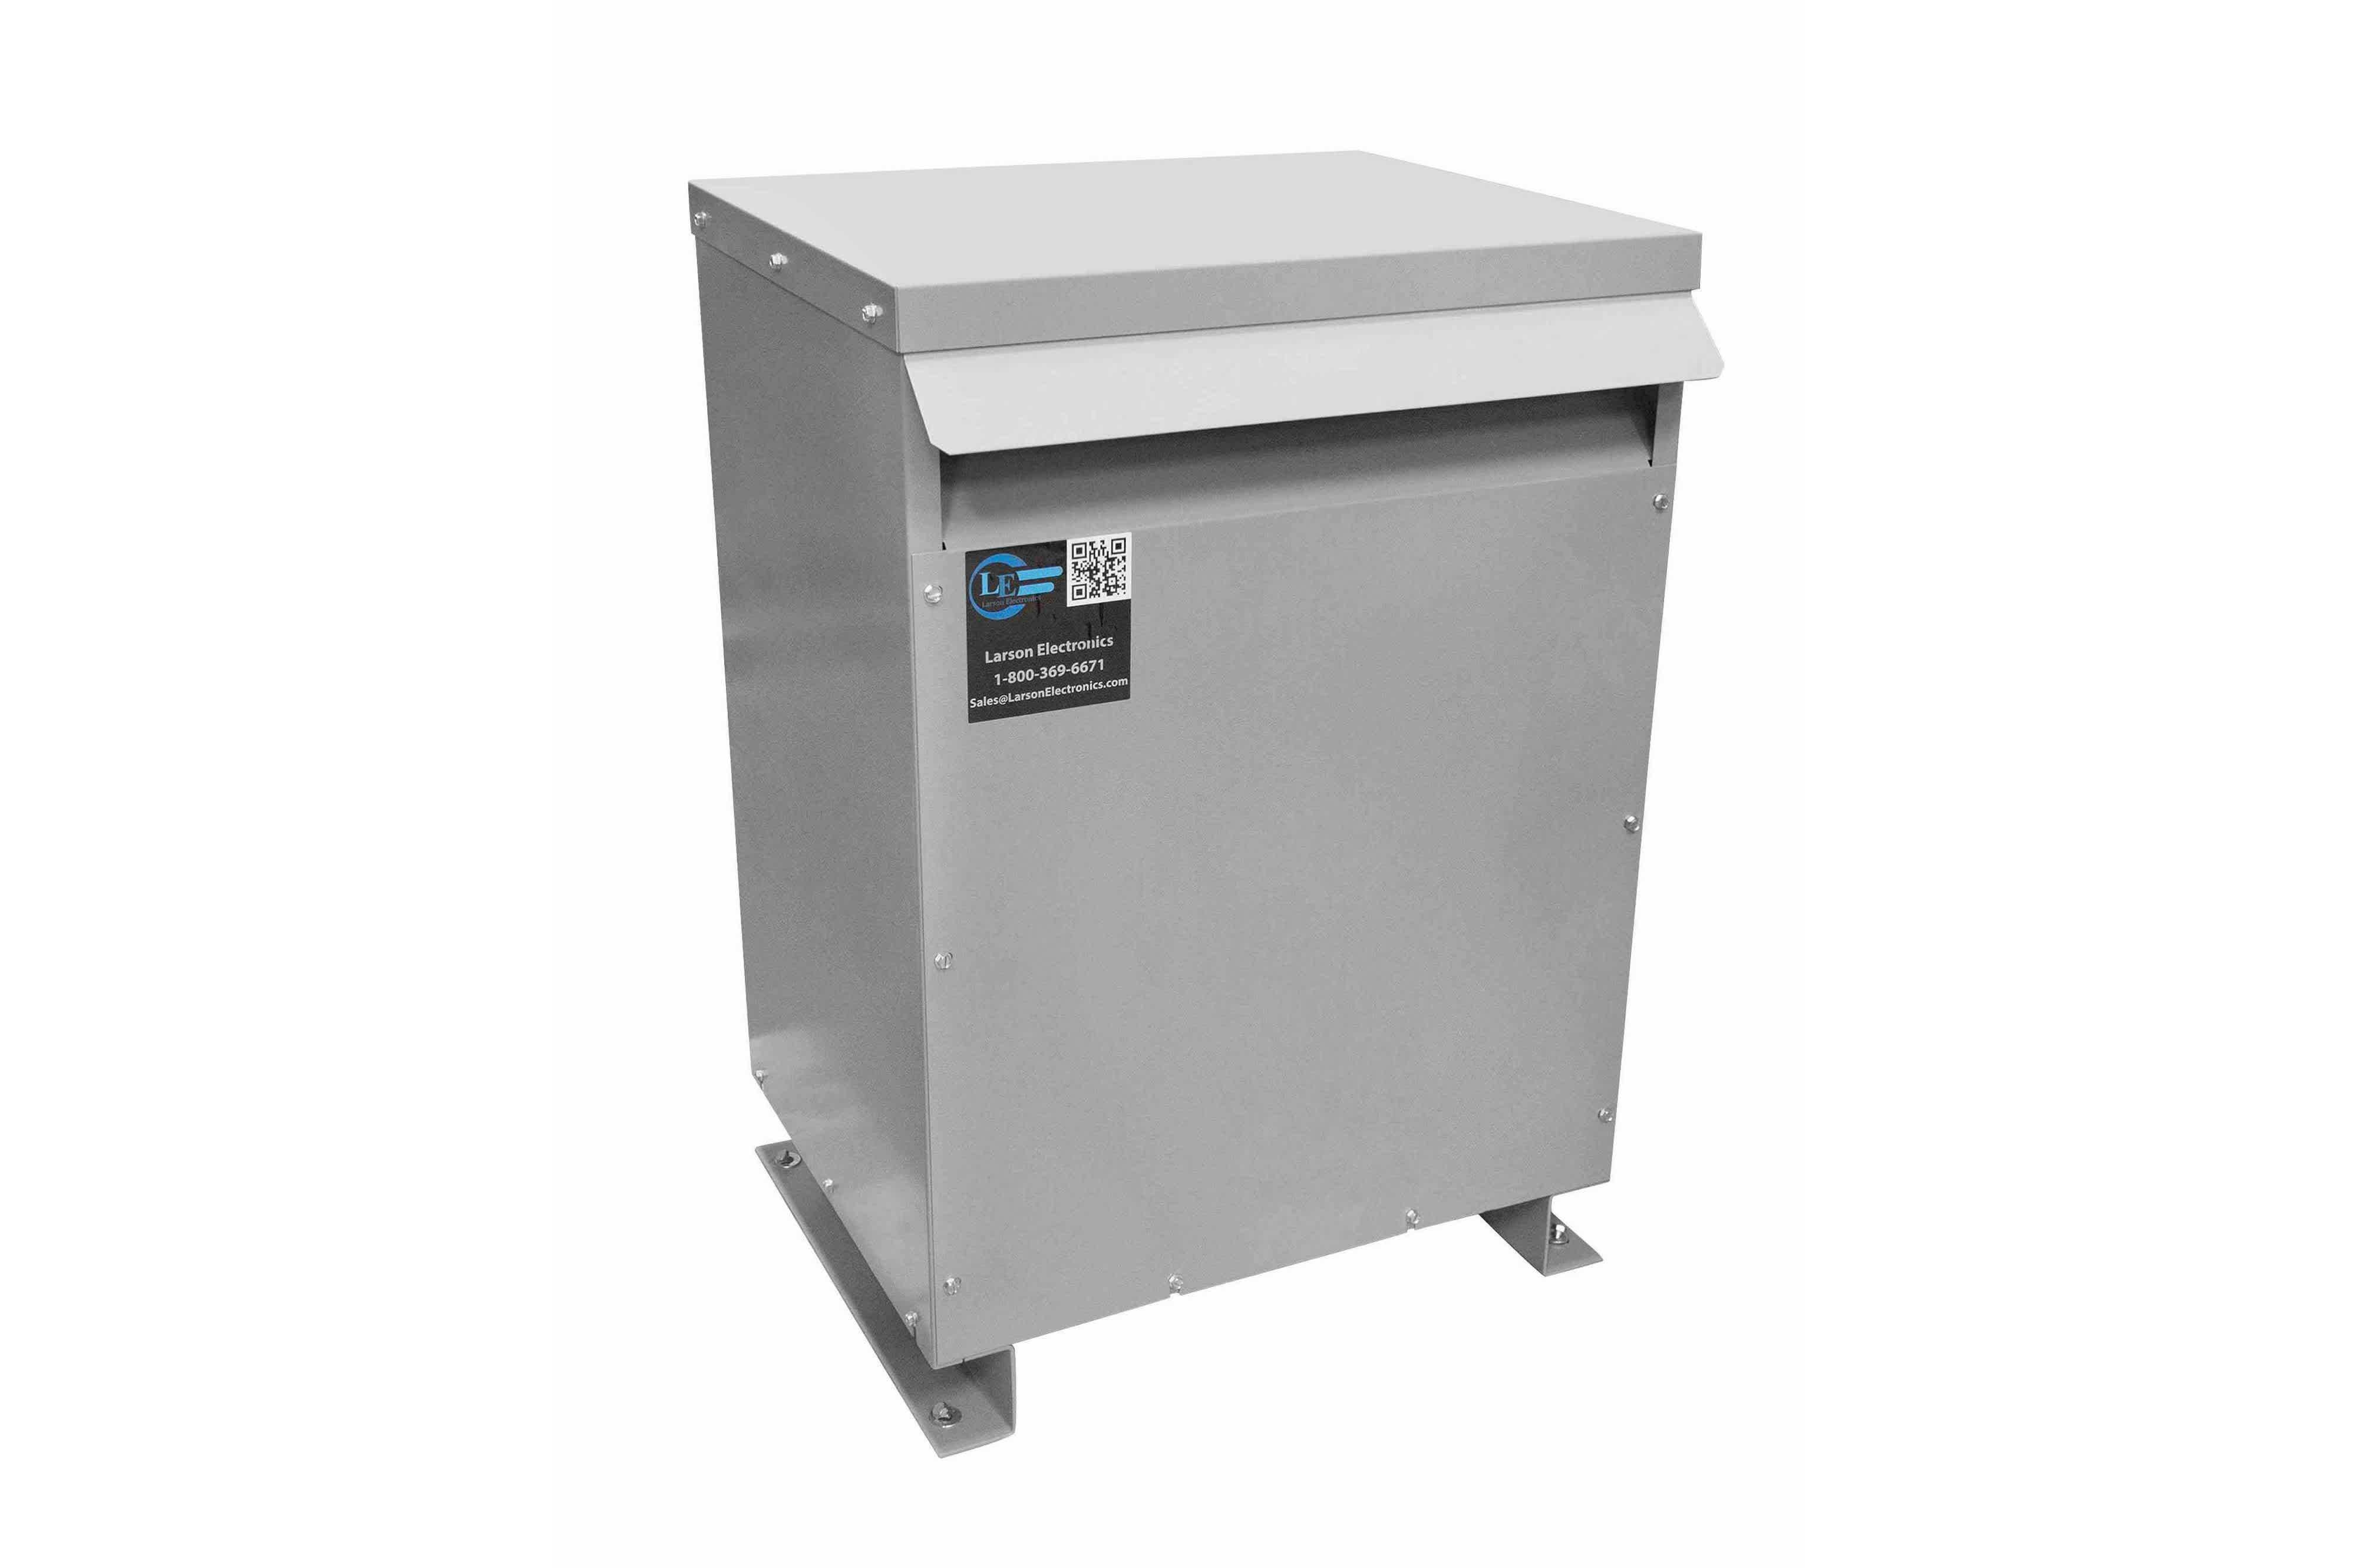 900 kVA 3PH Isolation Transformer, 240V Delta Primary, 480V Delta Secondary, N3R, Ventilated, 60 Hz